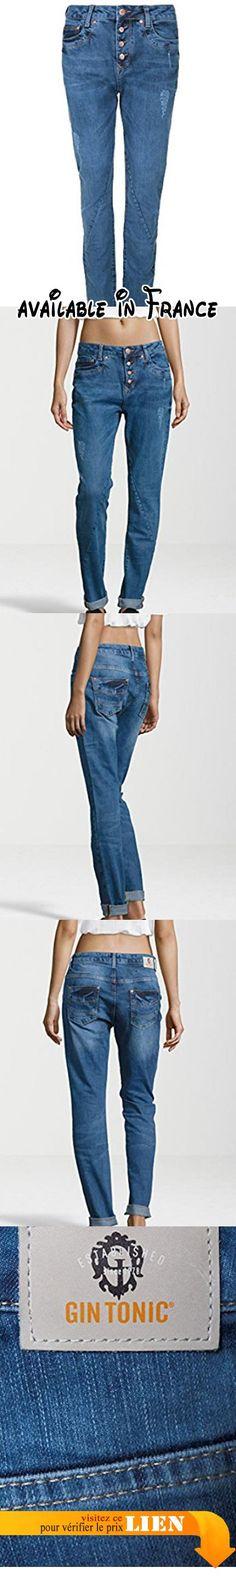 GIN TONIC - Jeans - Uni - Femme -  bleu - W34.  #Apparel #PANTS